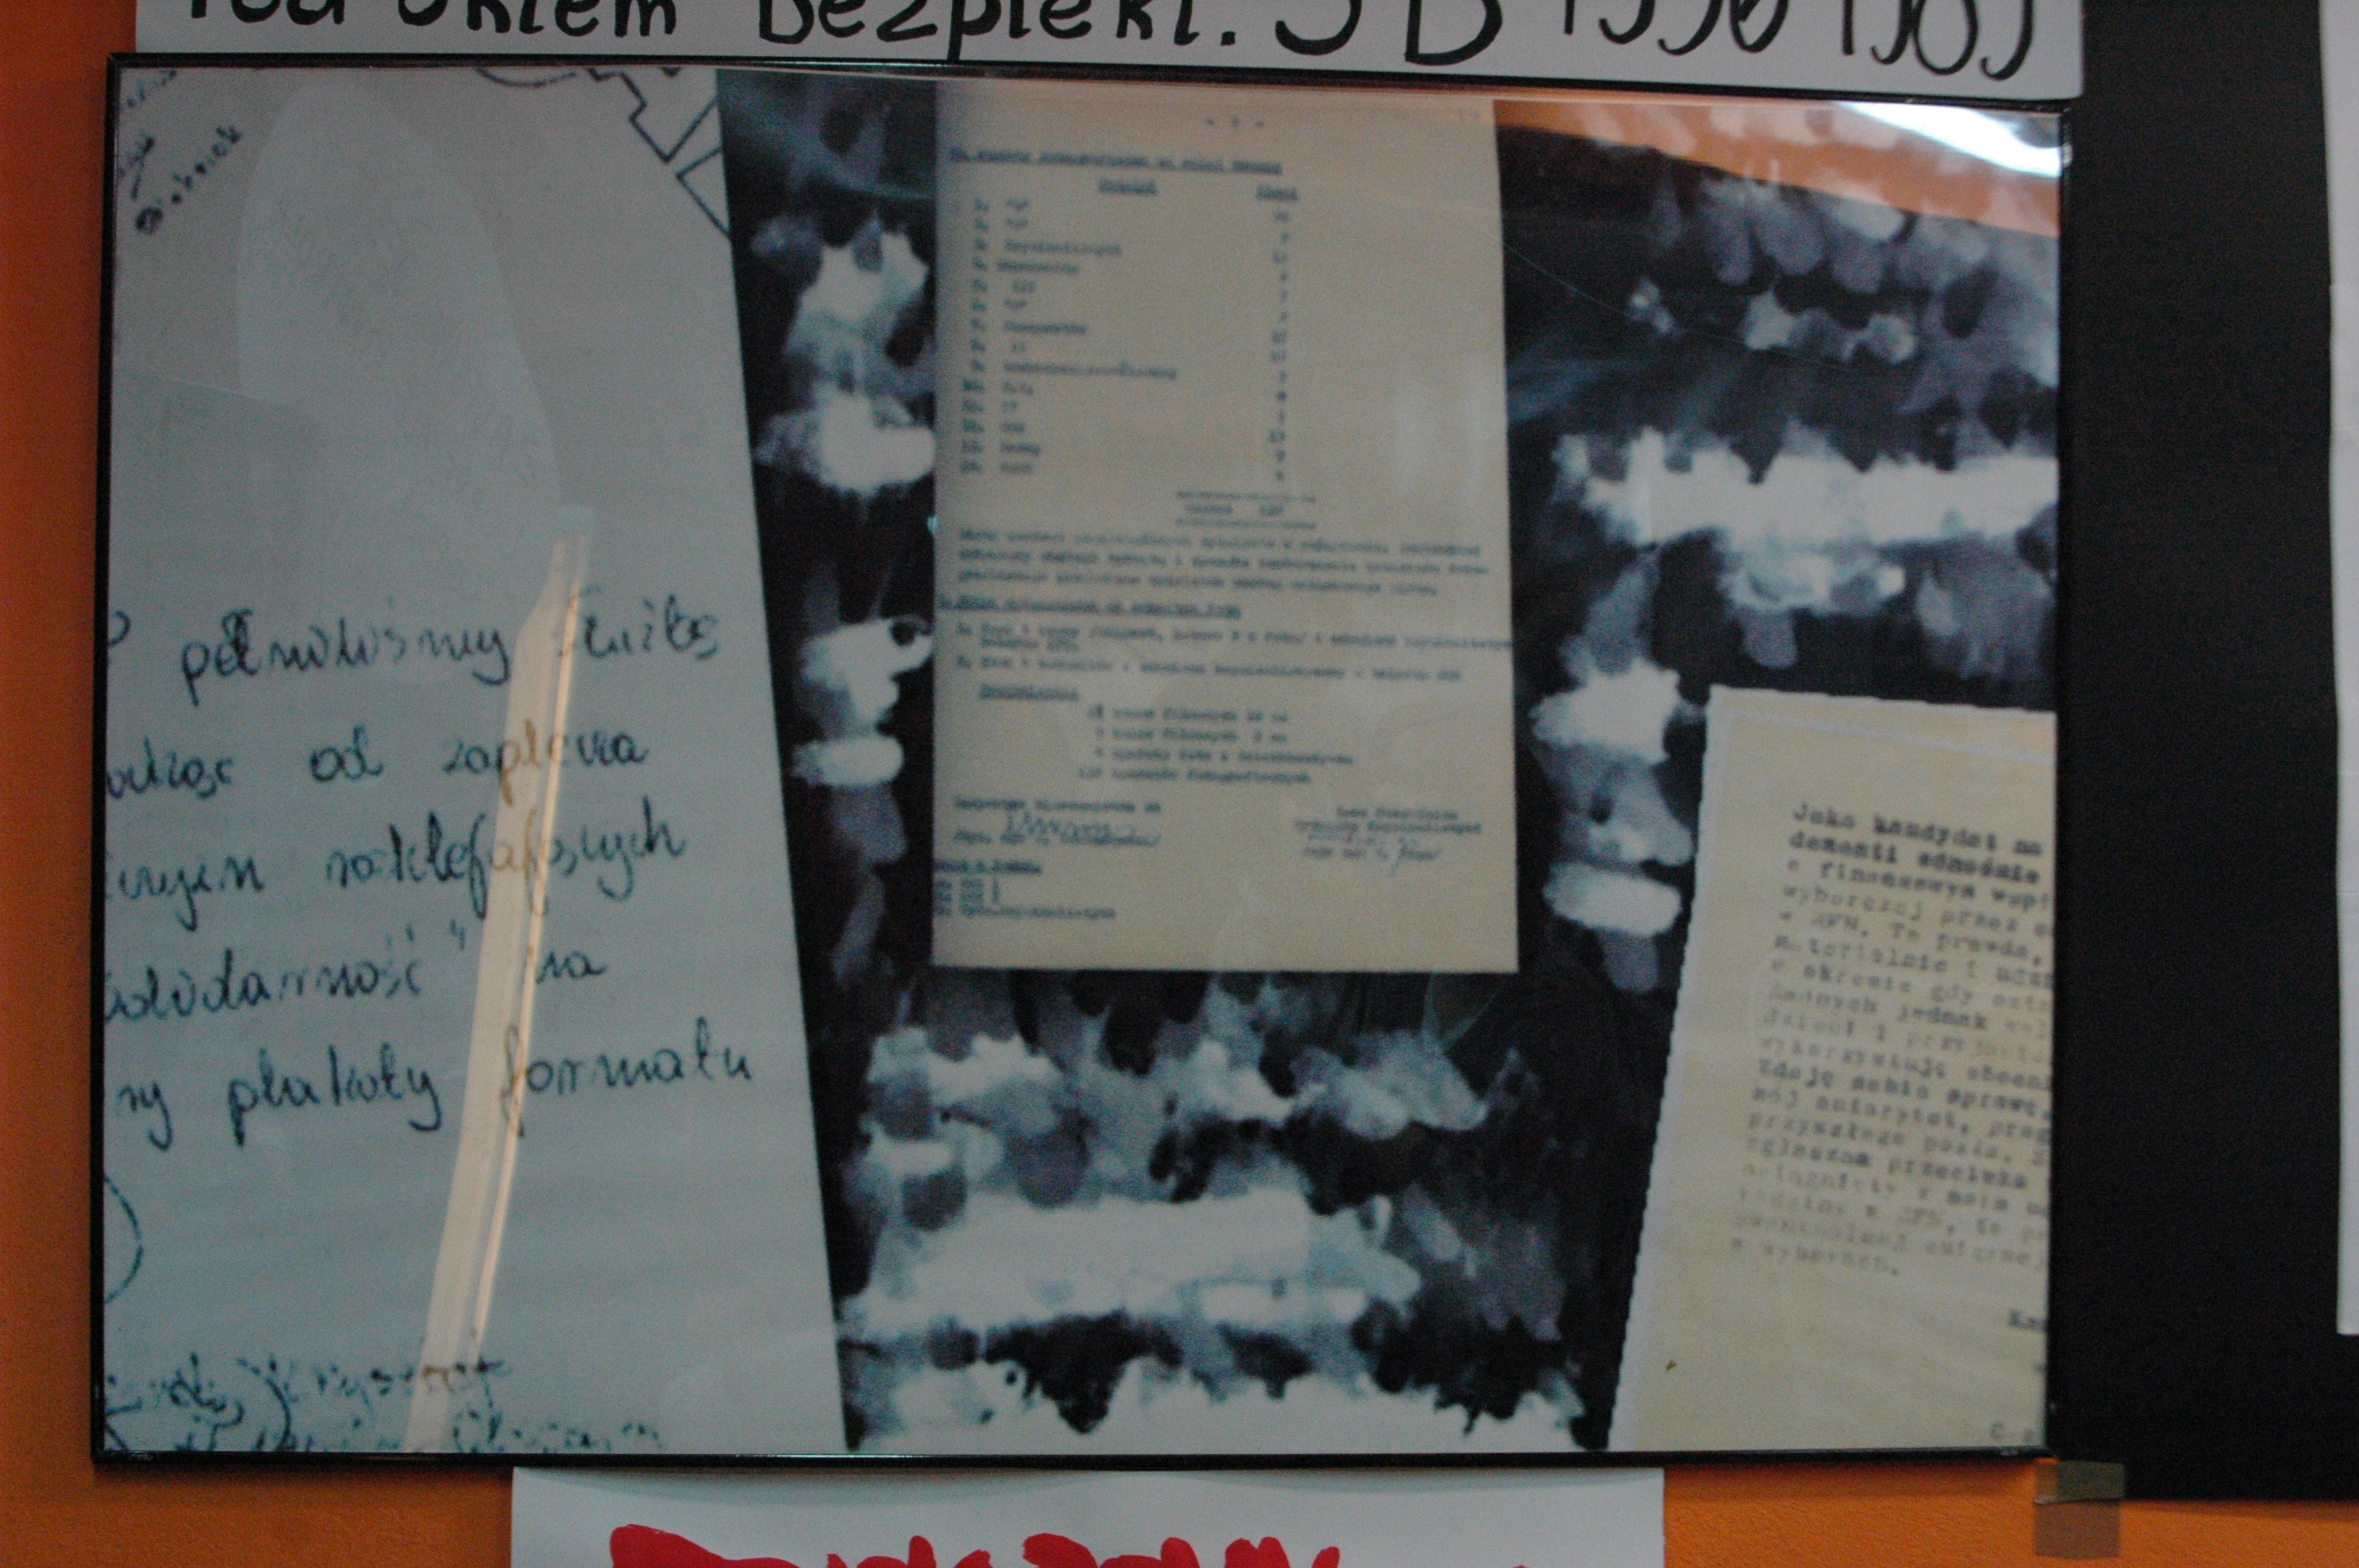 """Sporządzony przez SB w ramach akcji """"Jesień 70"""" dokument z zapotrzebowaniem na sprzęt potrzebny do obserwacji """"nieprawomyślnych"""" zachowań podczas pochodu pierwszomajowego w 1971 roku."""